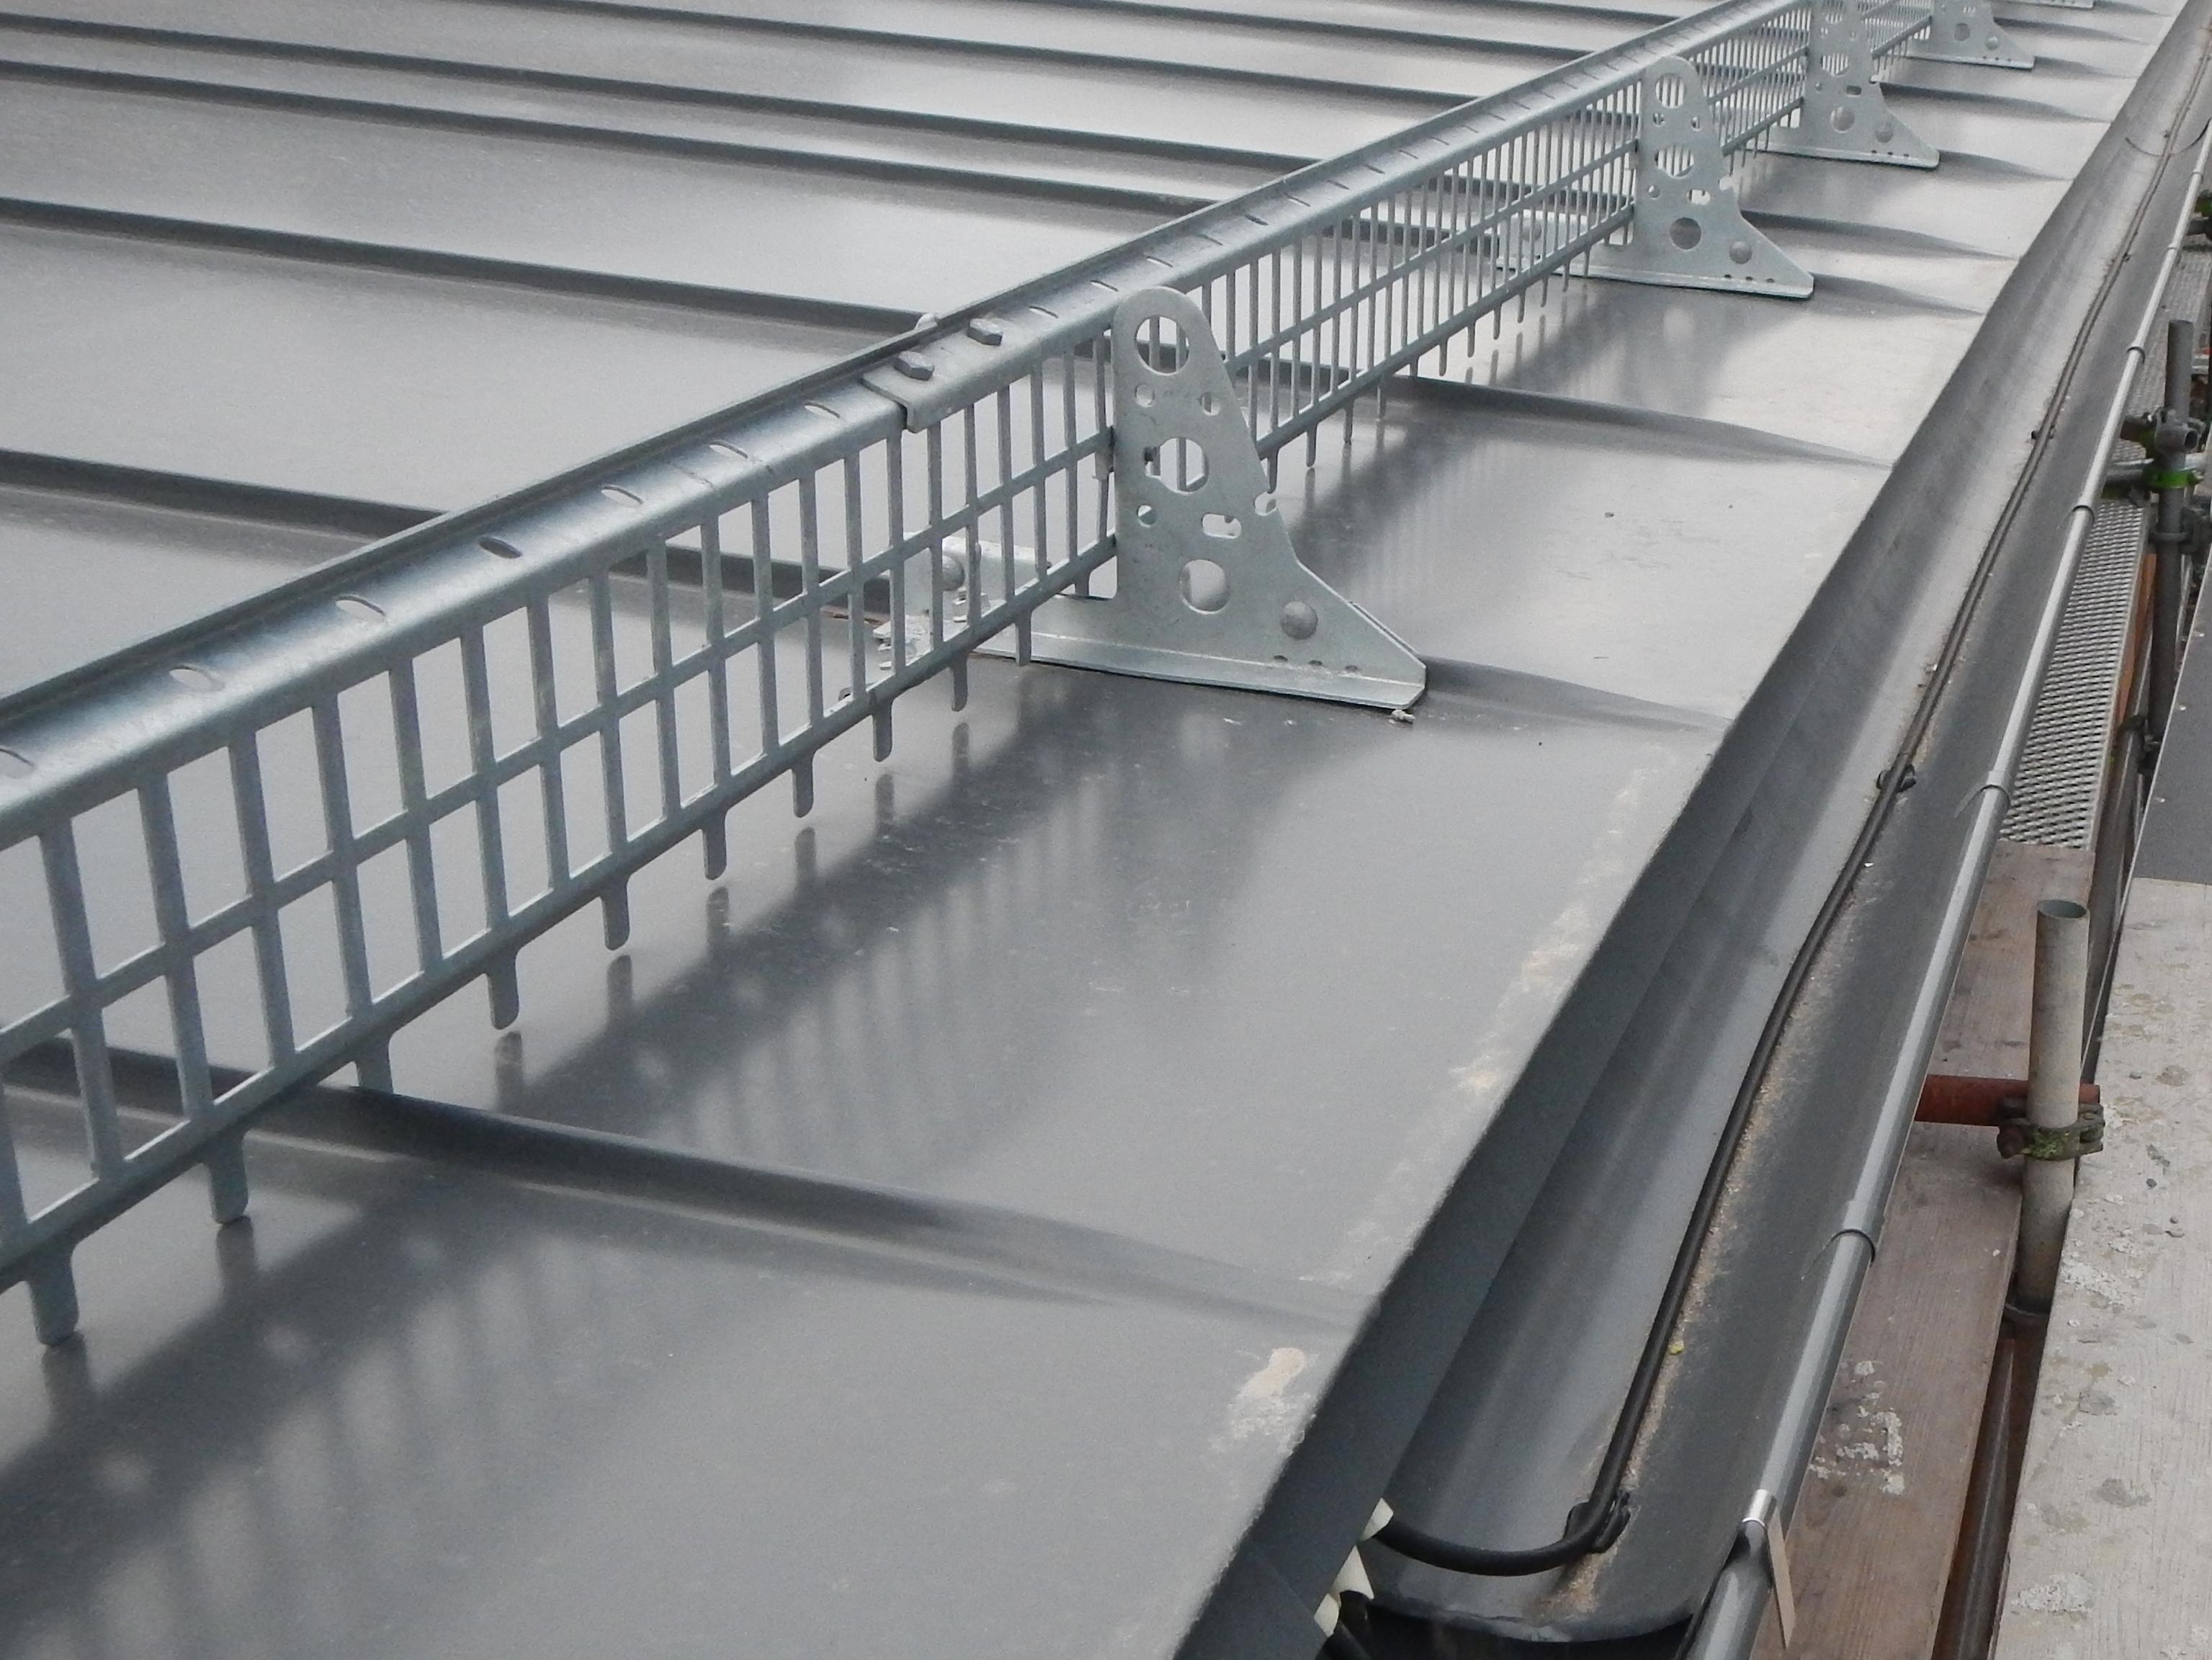 Bild 8:17. Infästning av taksäkerhetsanordningar med falsfäste som inte hindrar rörelserna i täckningen. Det finns flera olika typer av falsfästen. Foto: Torbjörn Osterling.